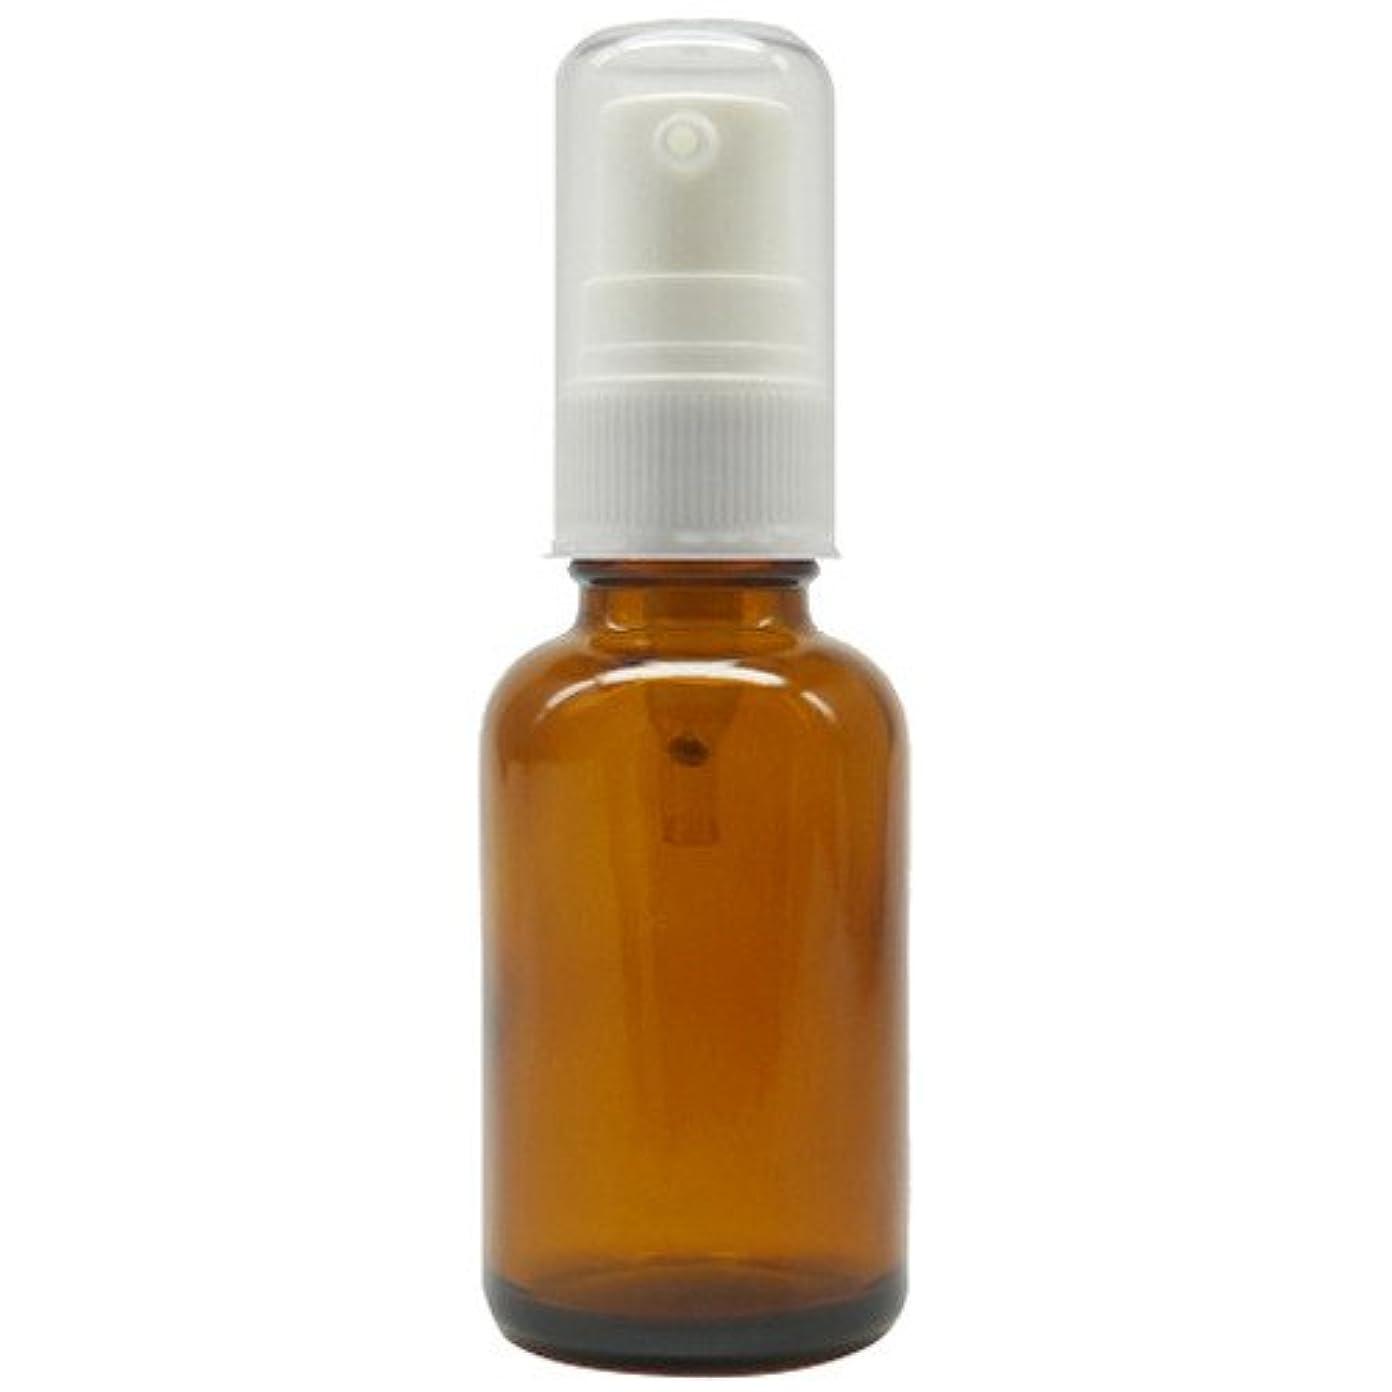 賄賂外観迷惑アロマアンドライフ (D)茶褐色ポンプ瓶30ml 3本セット